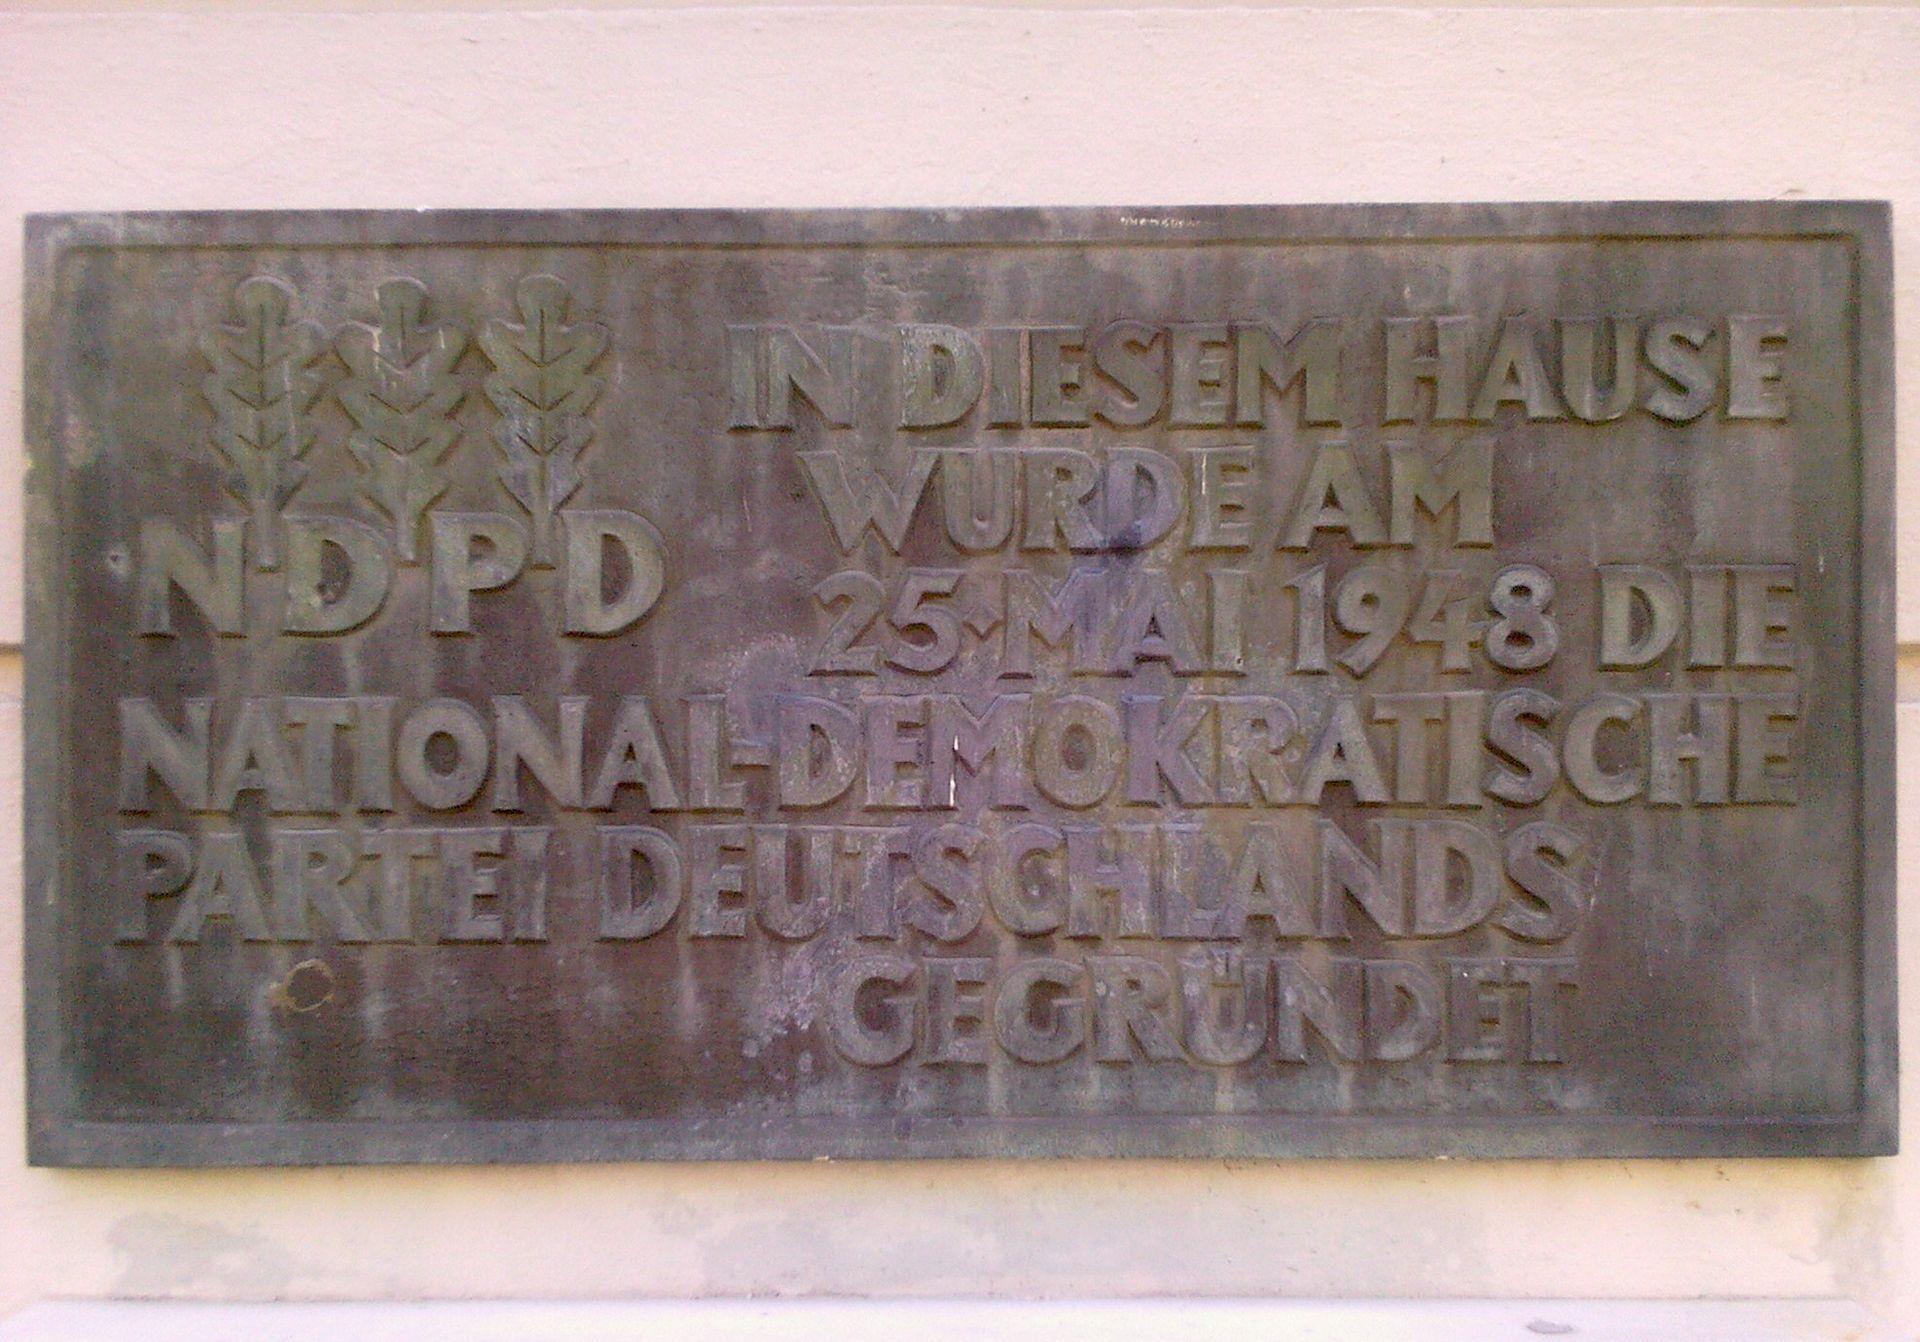 Weitere Einzelheiten Gedenktafel am Gründungsort der NDPD in Potsdam, Lindenstraße 44